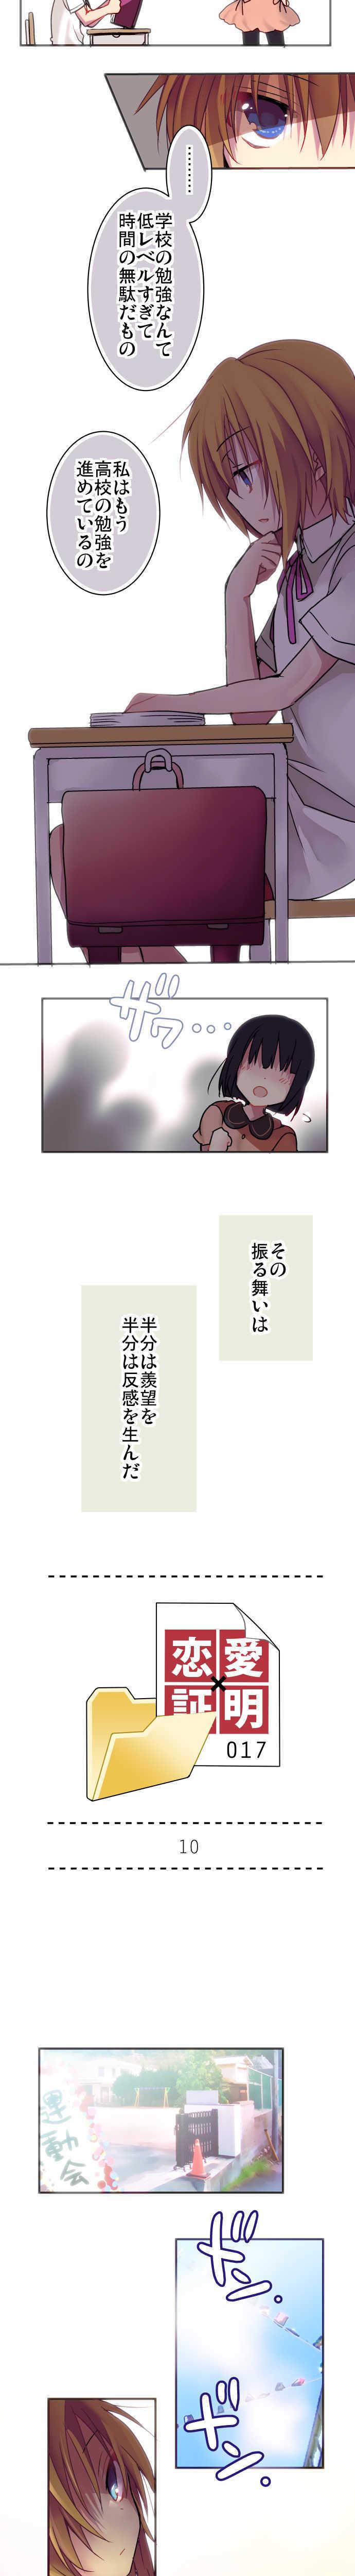 過去編(小学生時代)